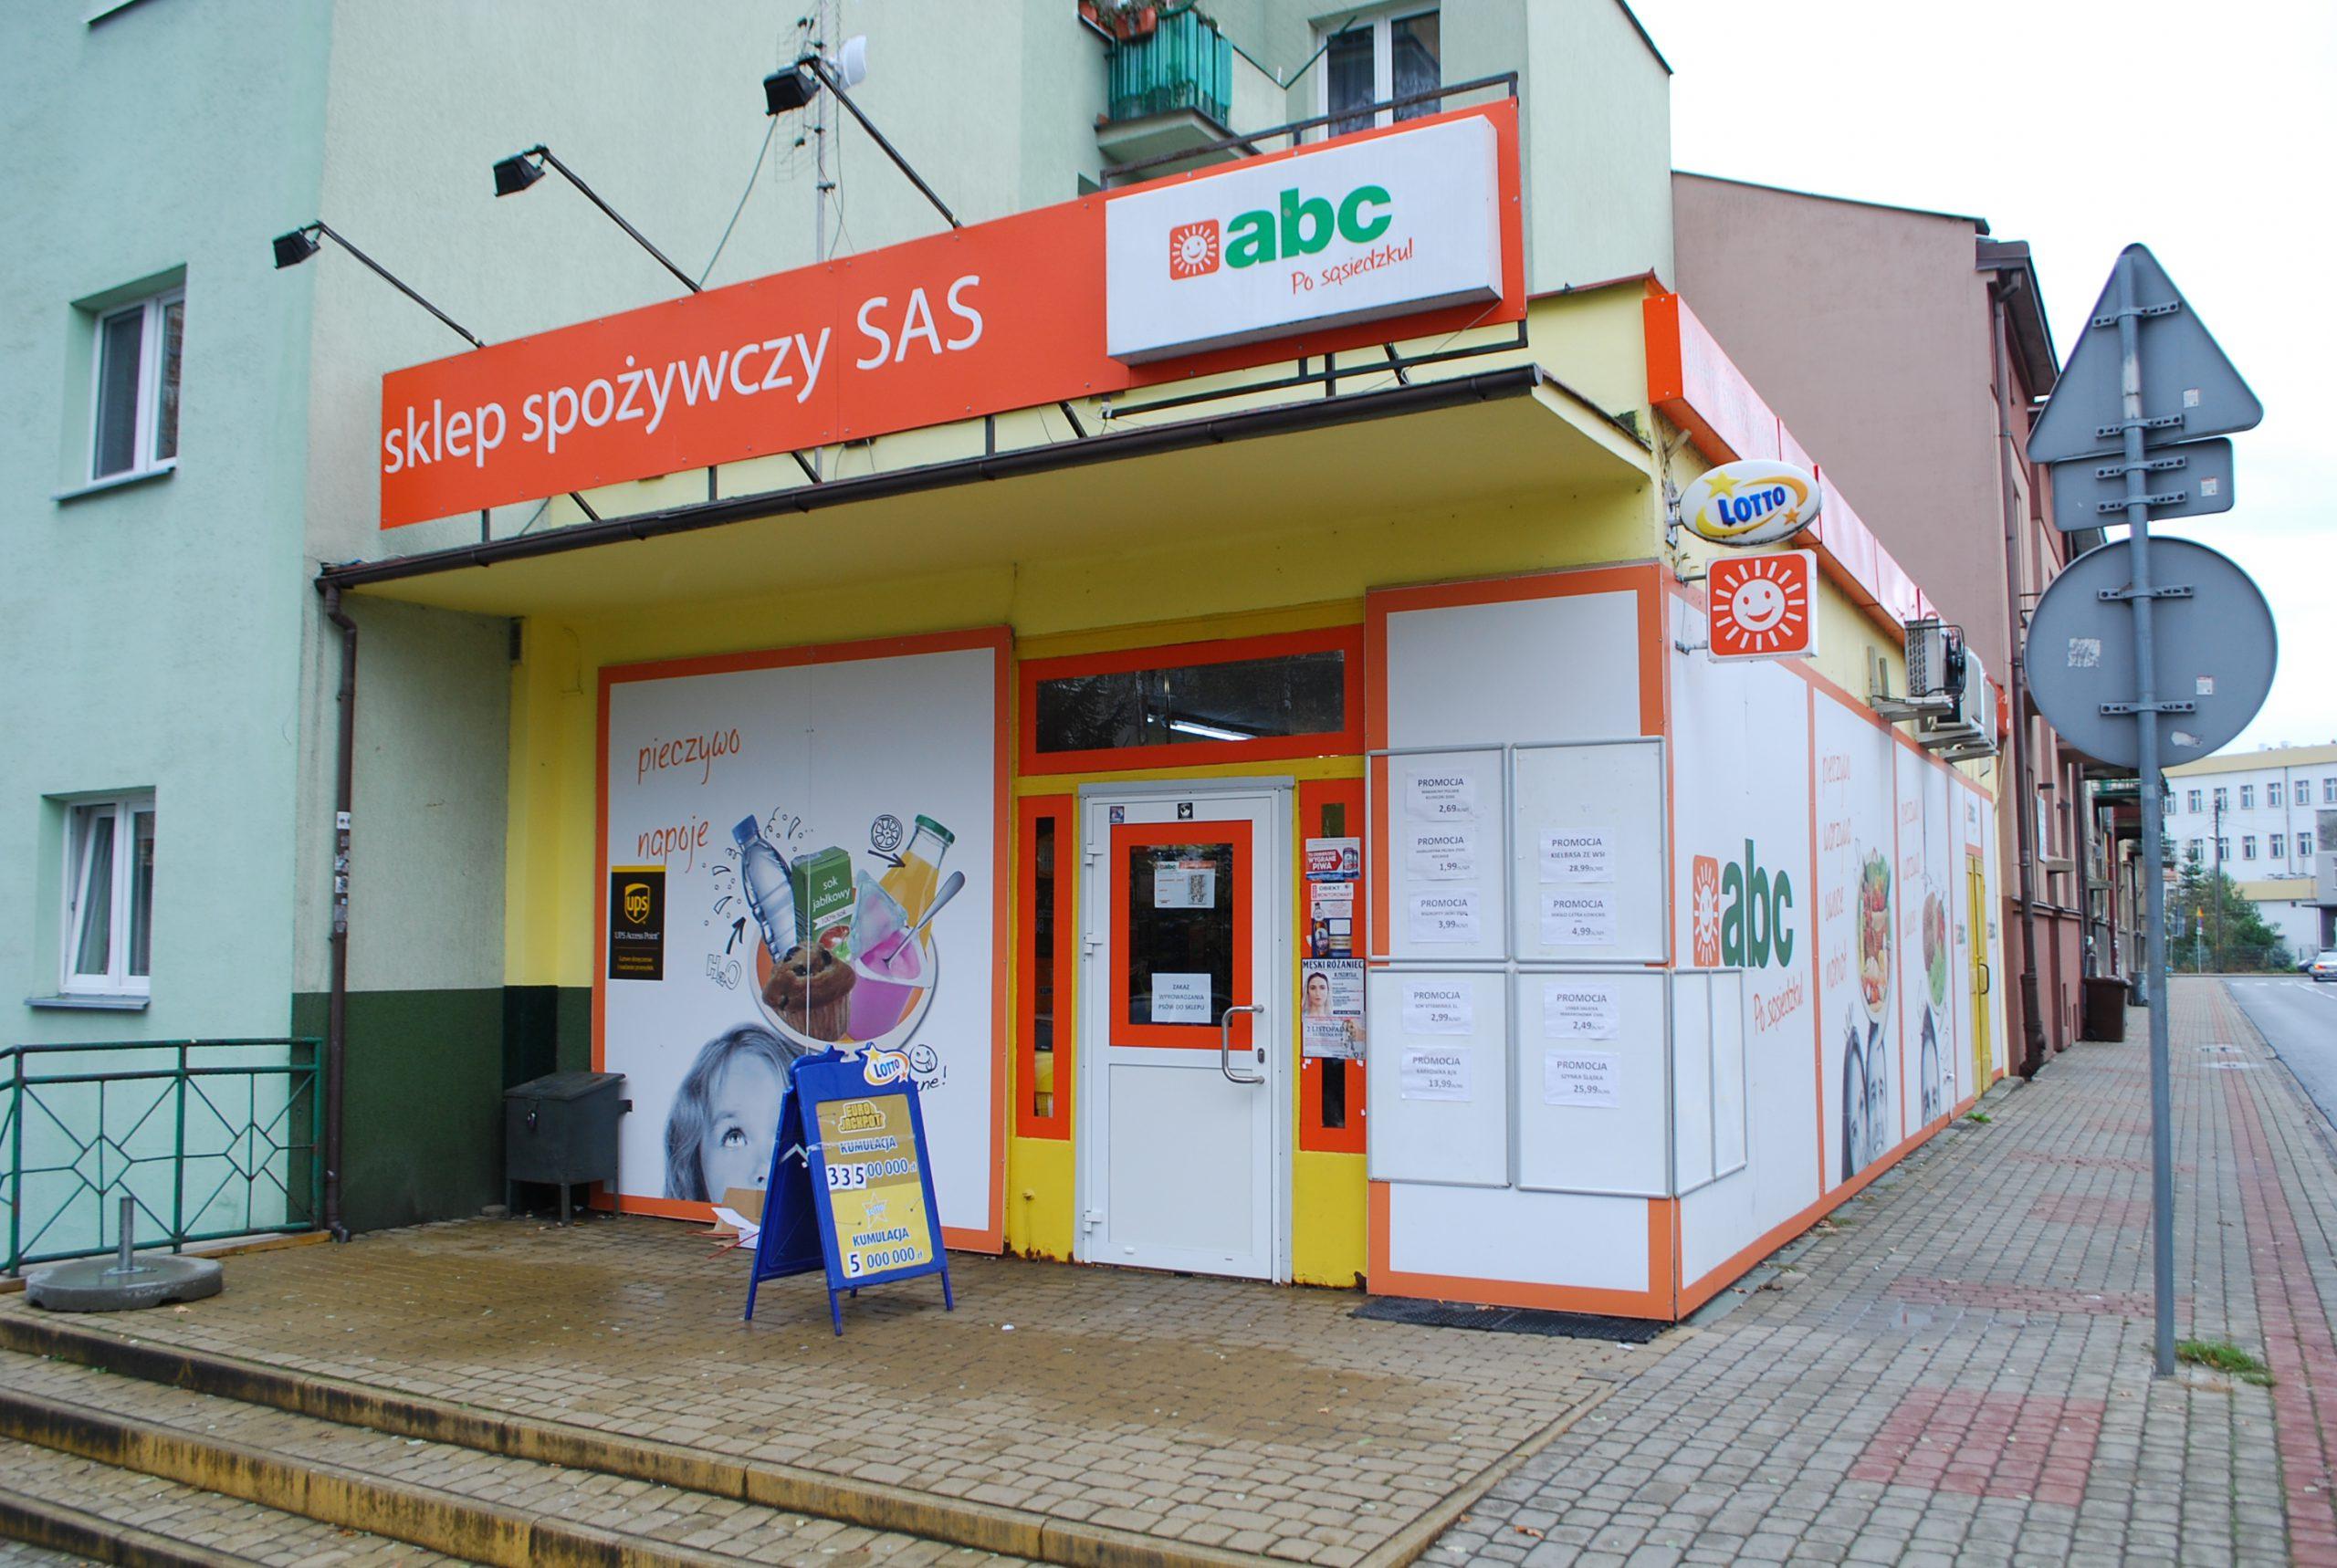 GfK Polonia: Osiedlowe sieciówki rosną. Hipermarkety w odwrocie